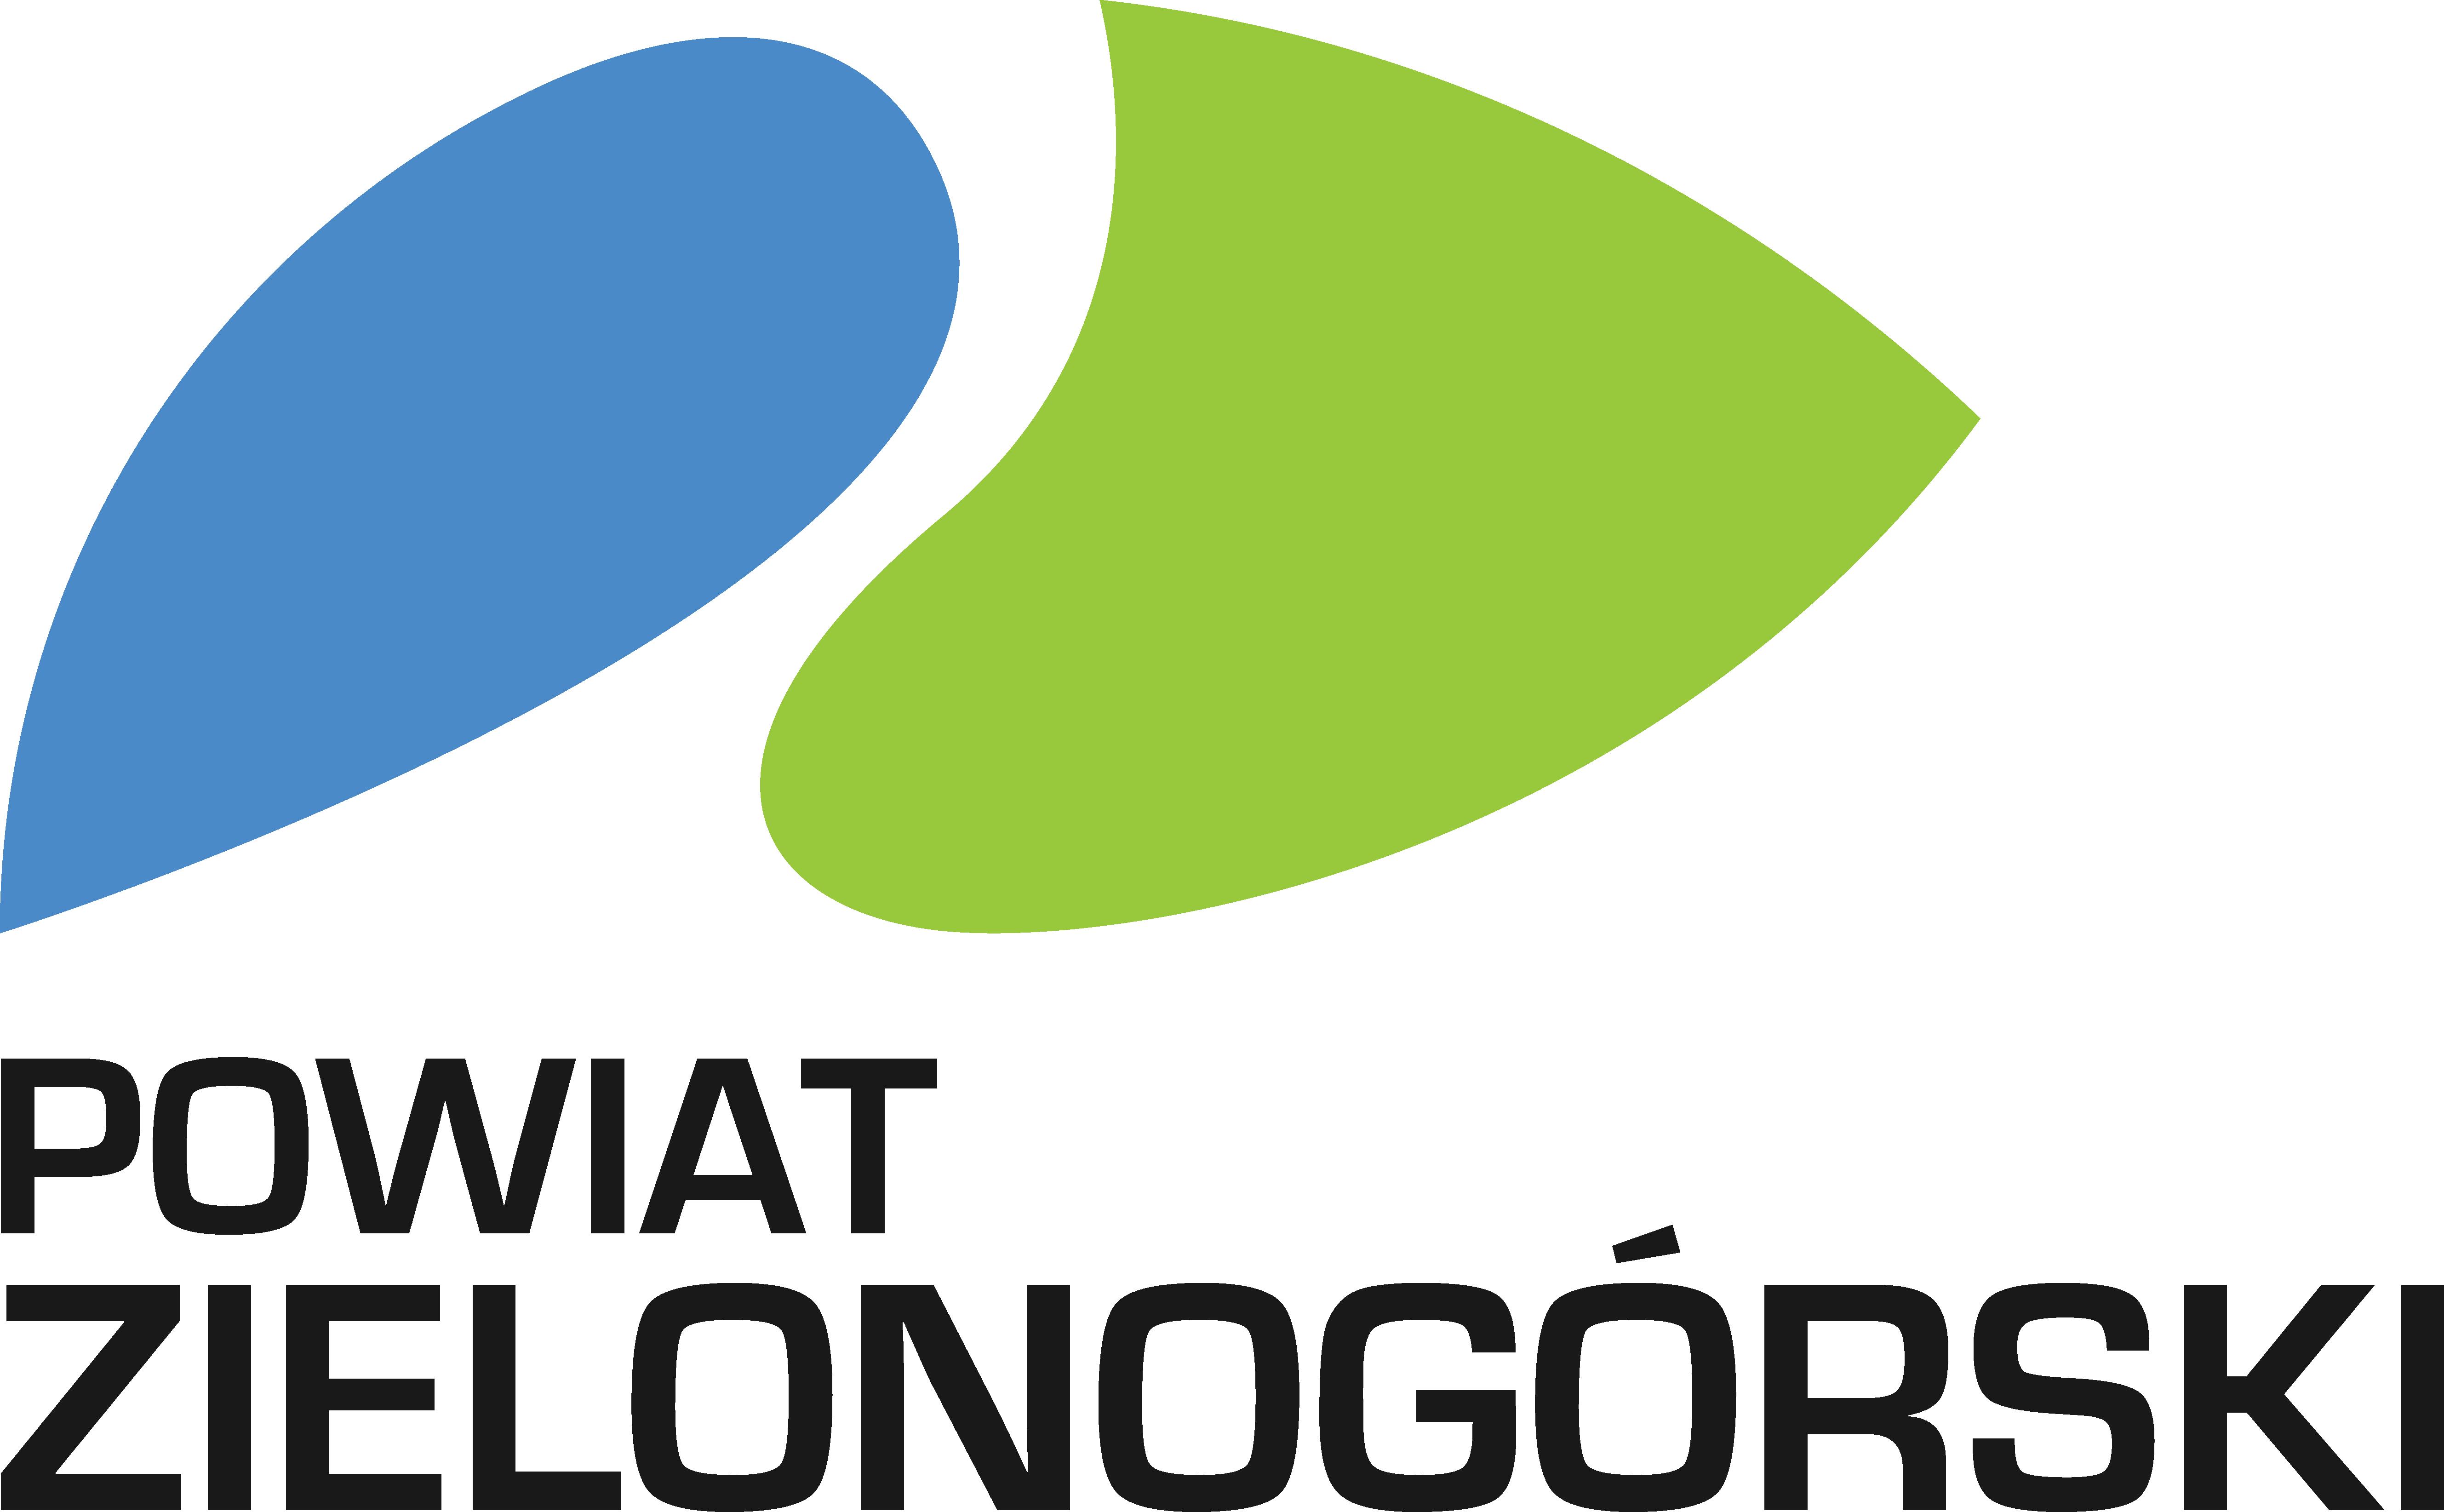 Powiat Zielonogórski